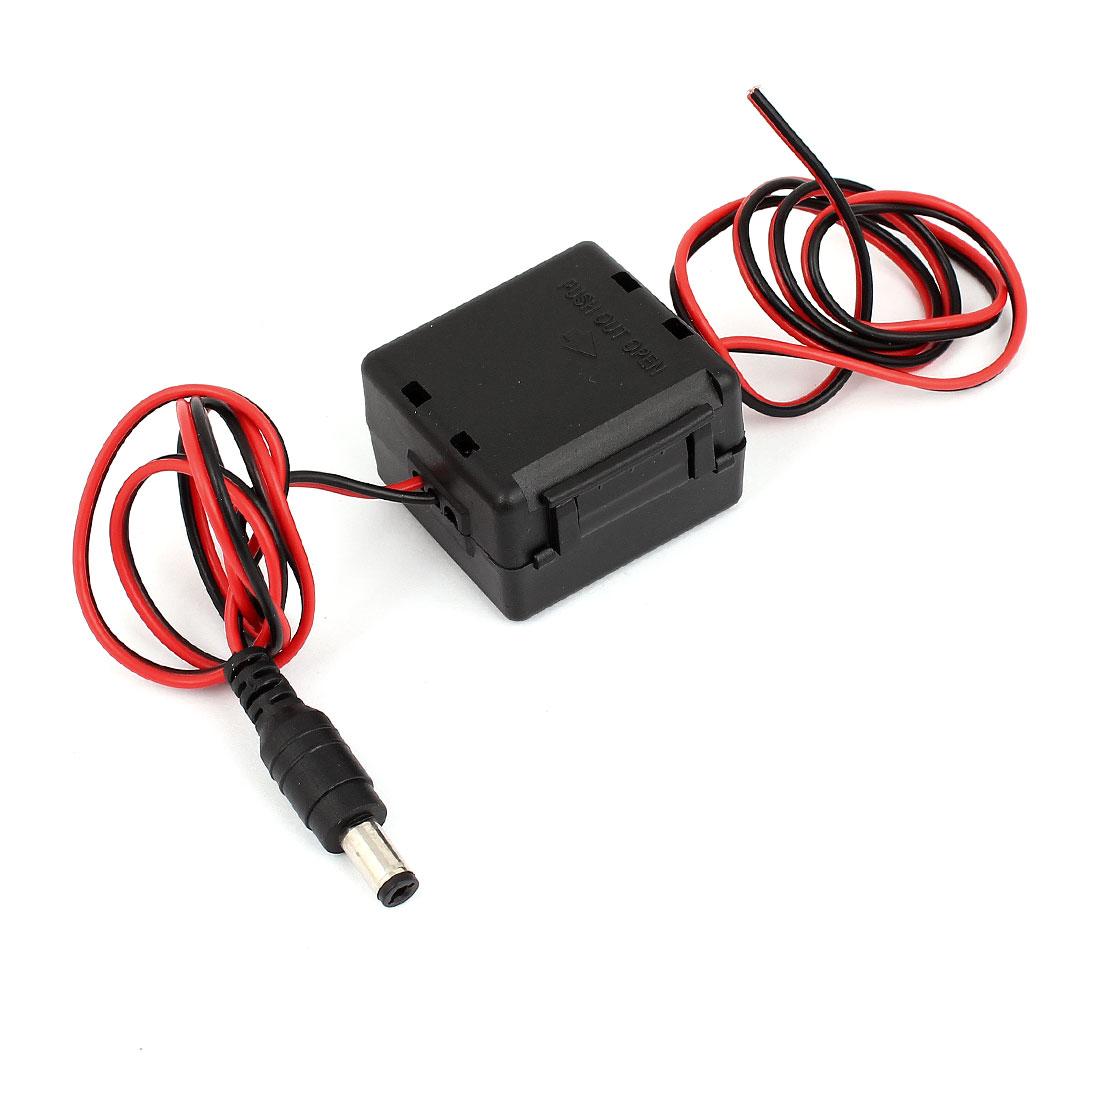 24V to 12V Haut/ Faible Impédance Adaptateur Signal Filtre de Bruit Suppresseur pour Voiture - image 2 de 2